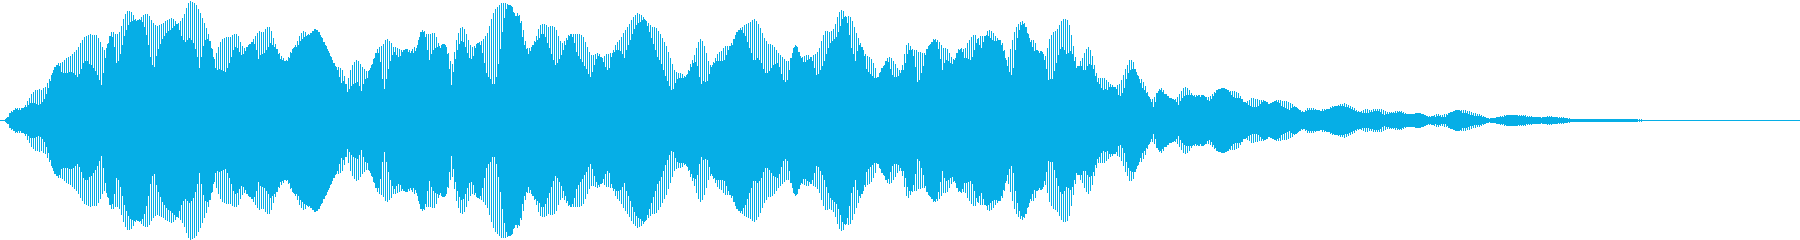 【ゲーム演出】疑惑シーンの再生済みの波形